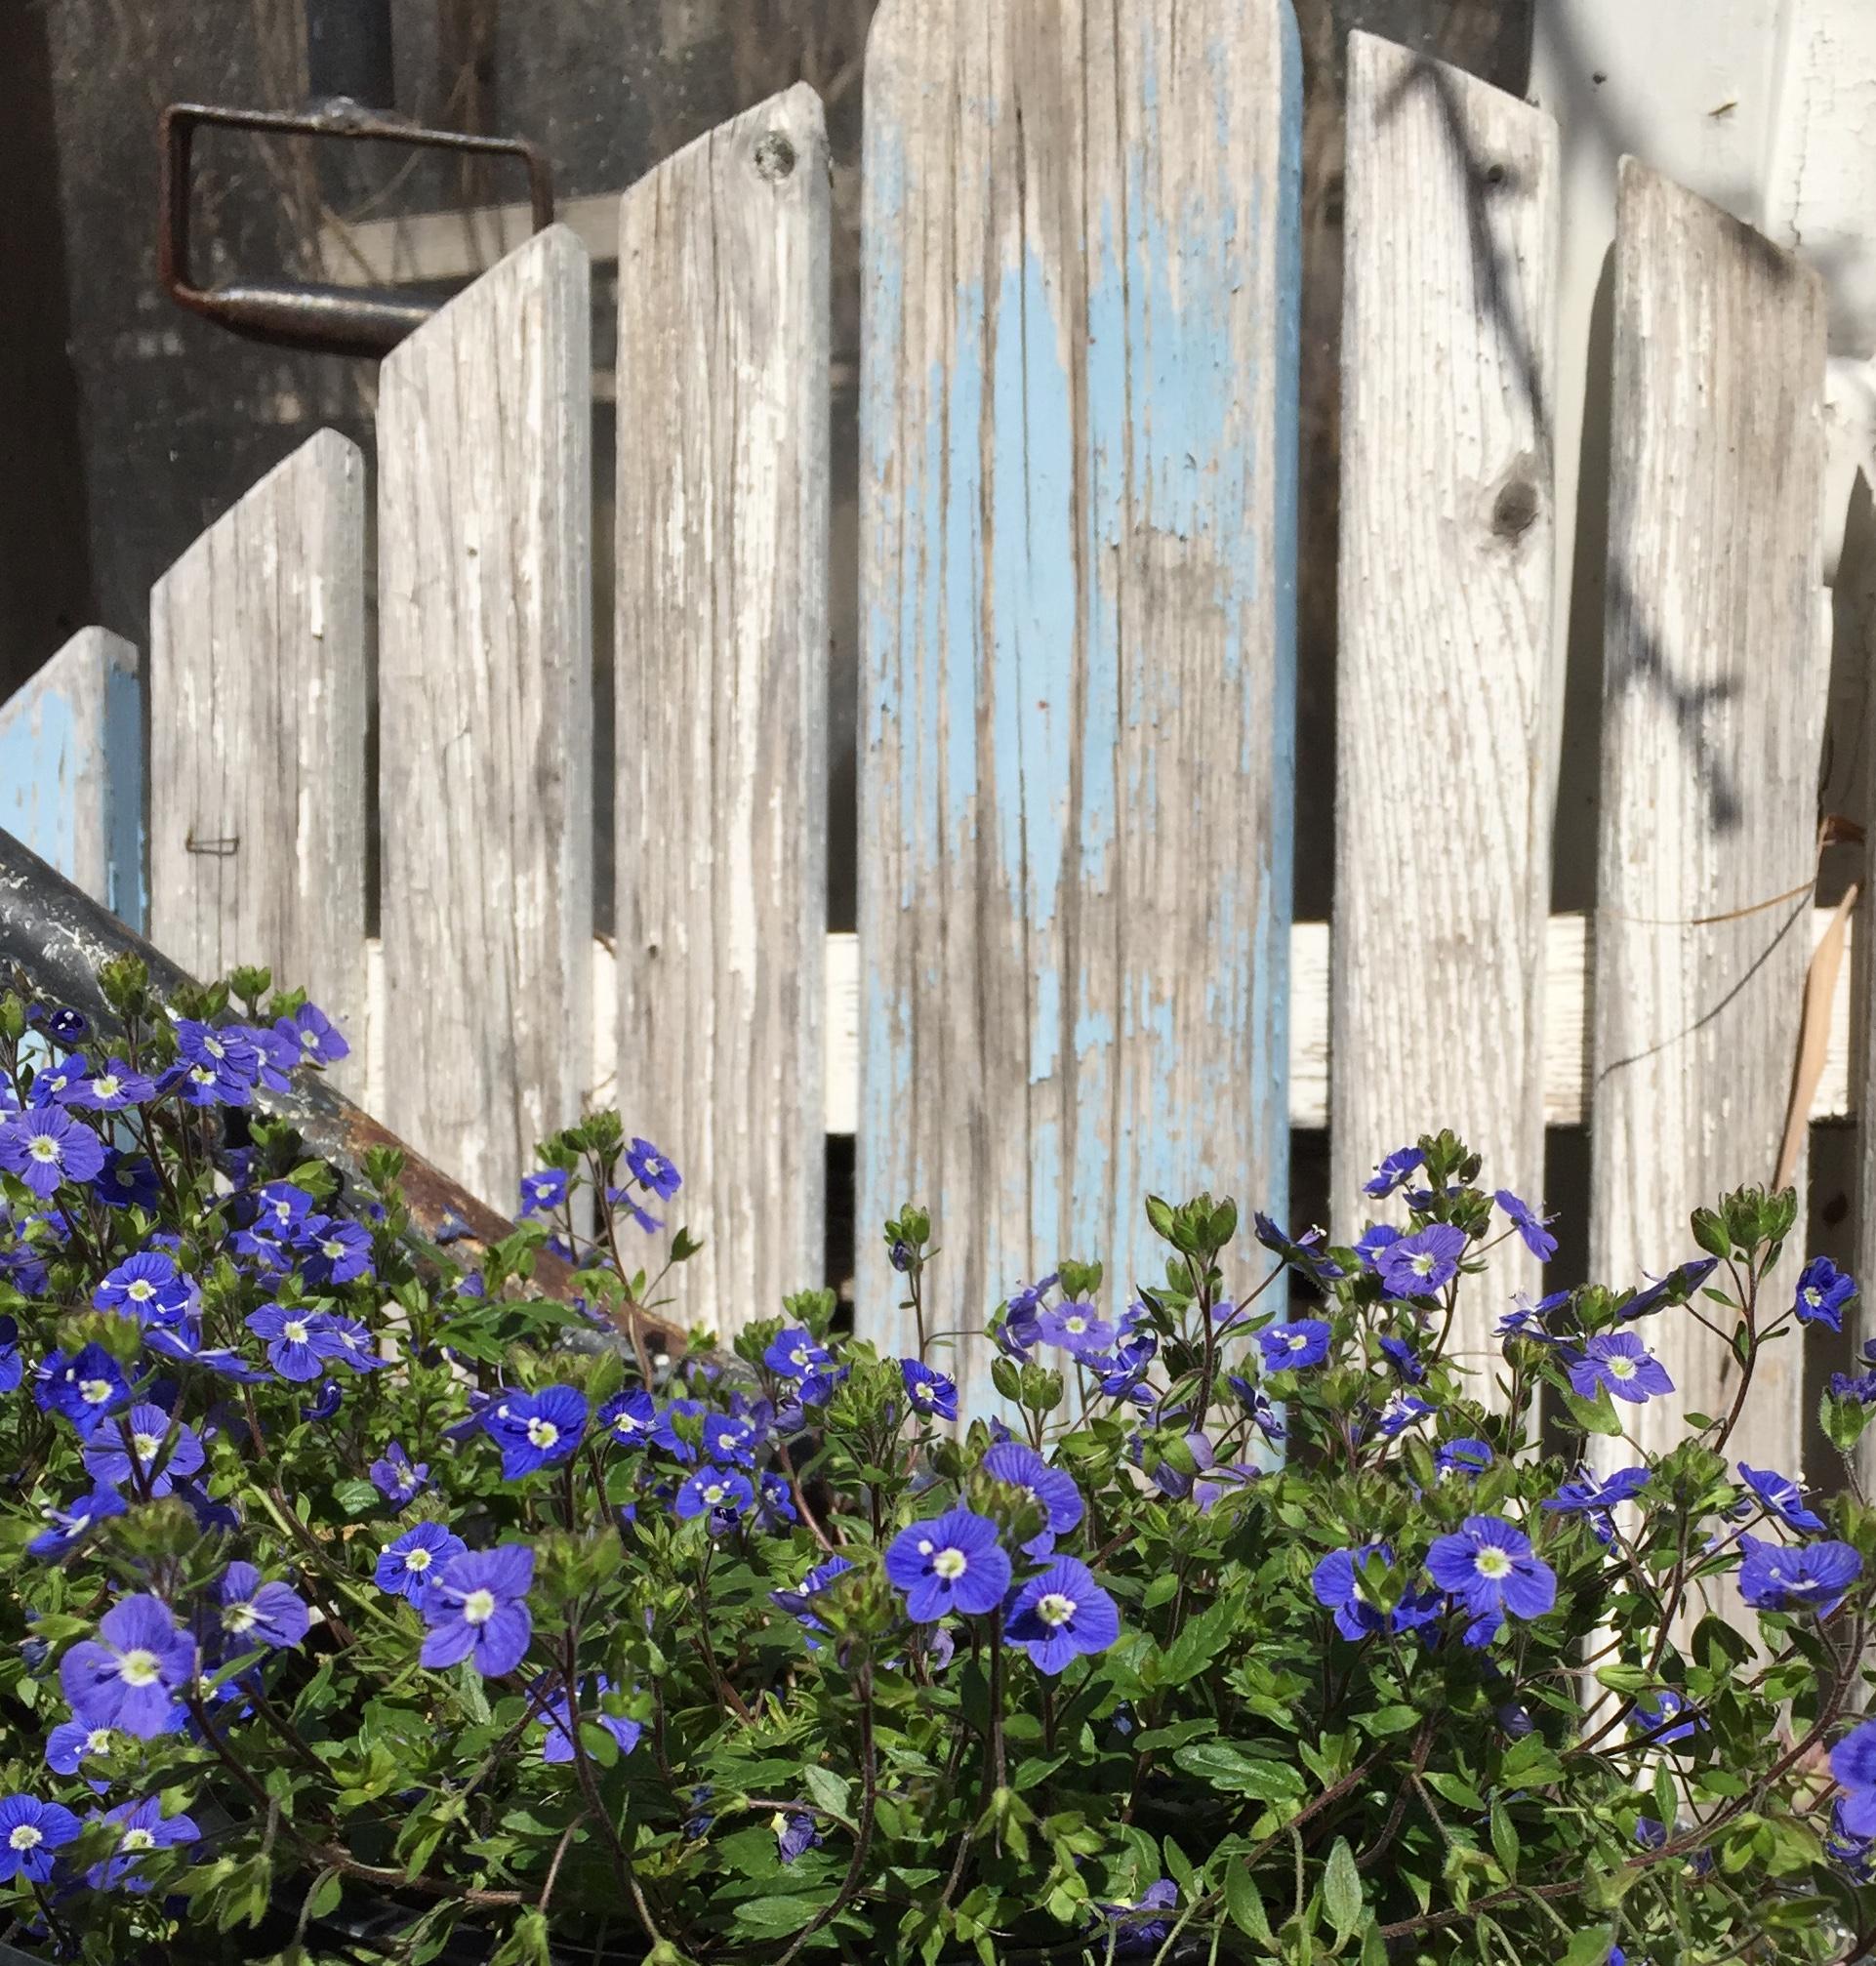 Purple Flowers Against Wood - Orange - 2018-3-9